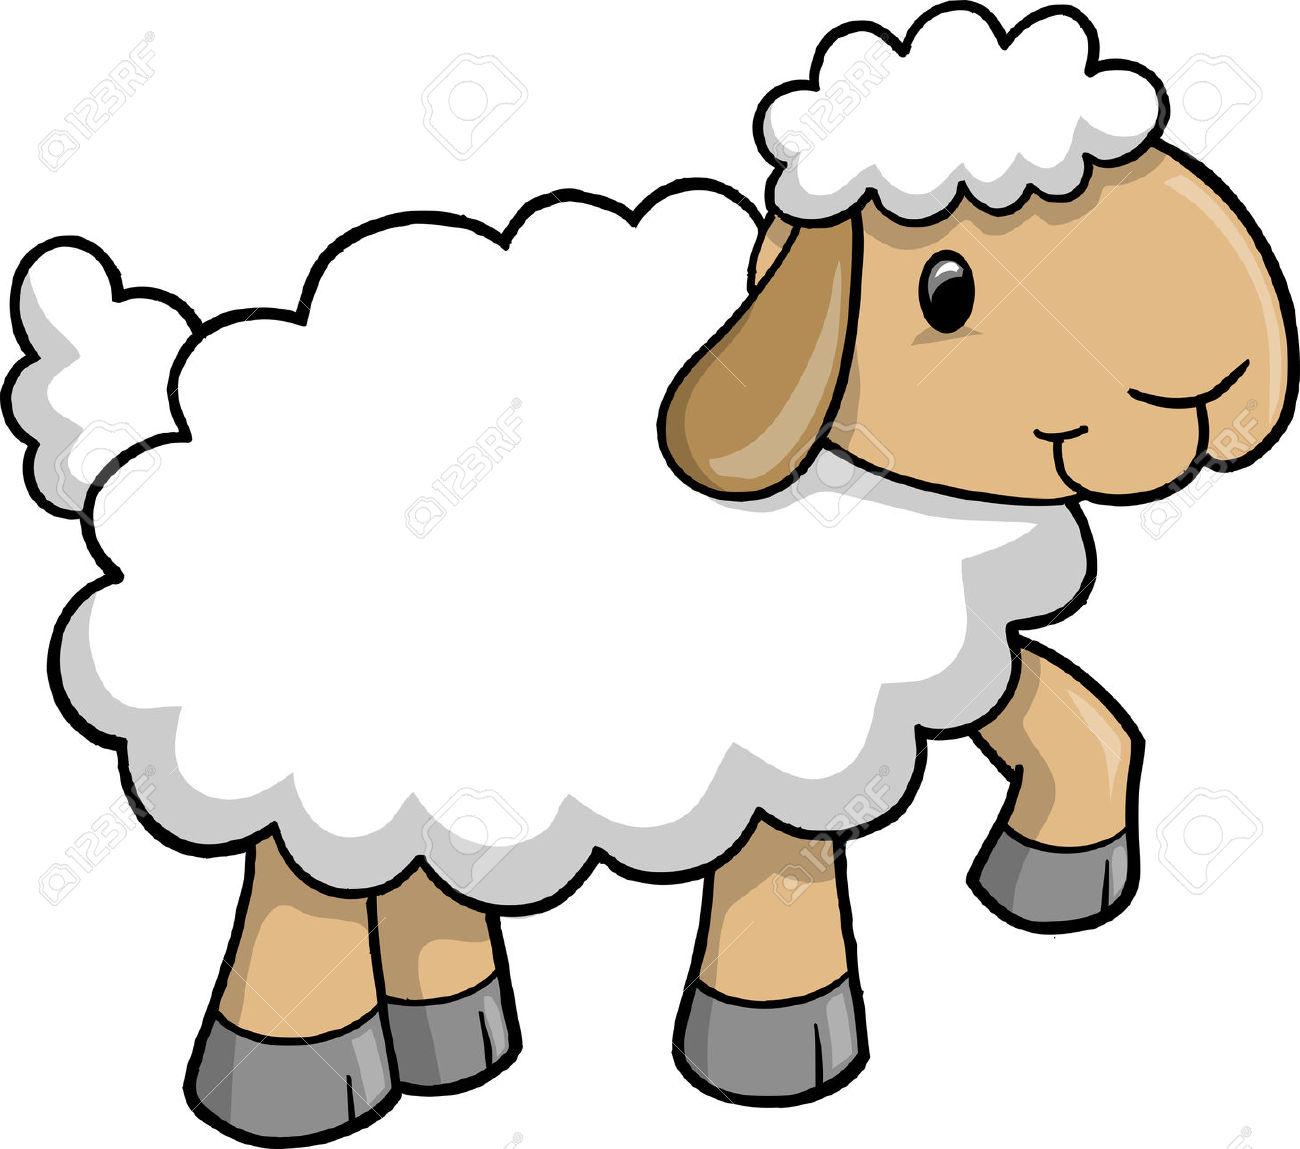 Sheep clip art. Sheep cliparts